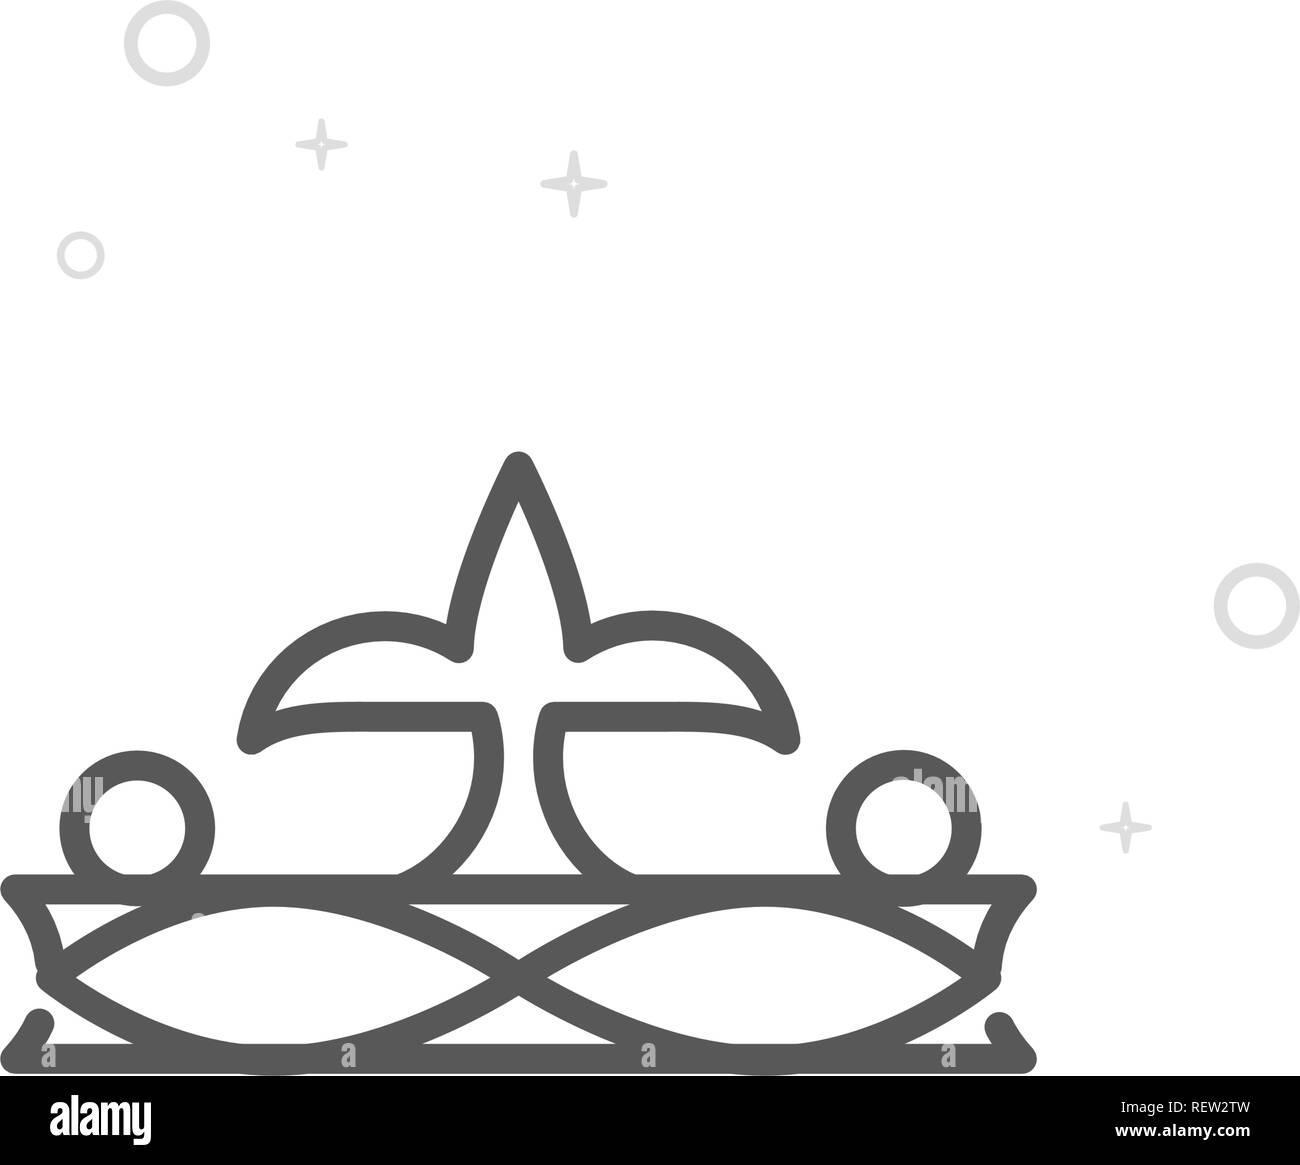 diamond logo vector icon design photos  u0026 diamond logo vector icon design images